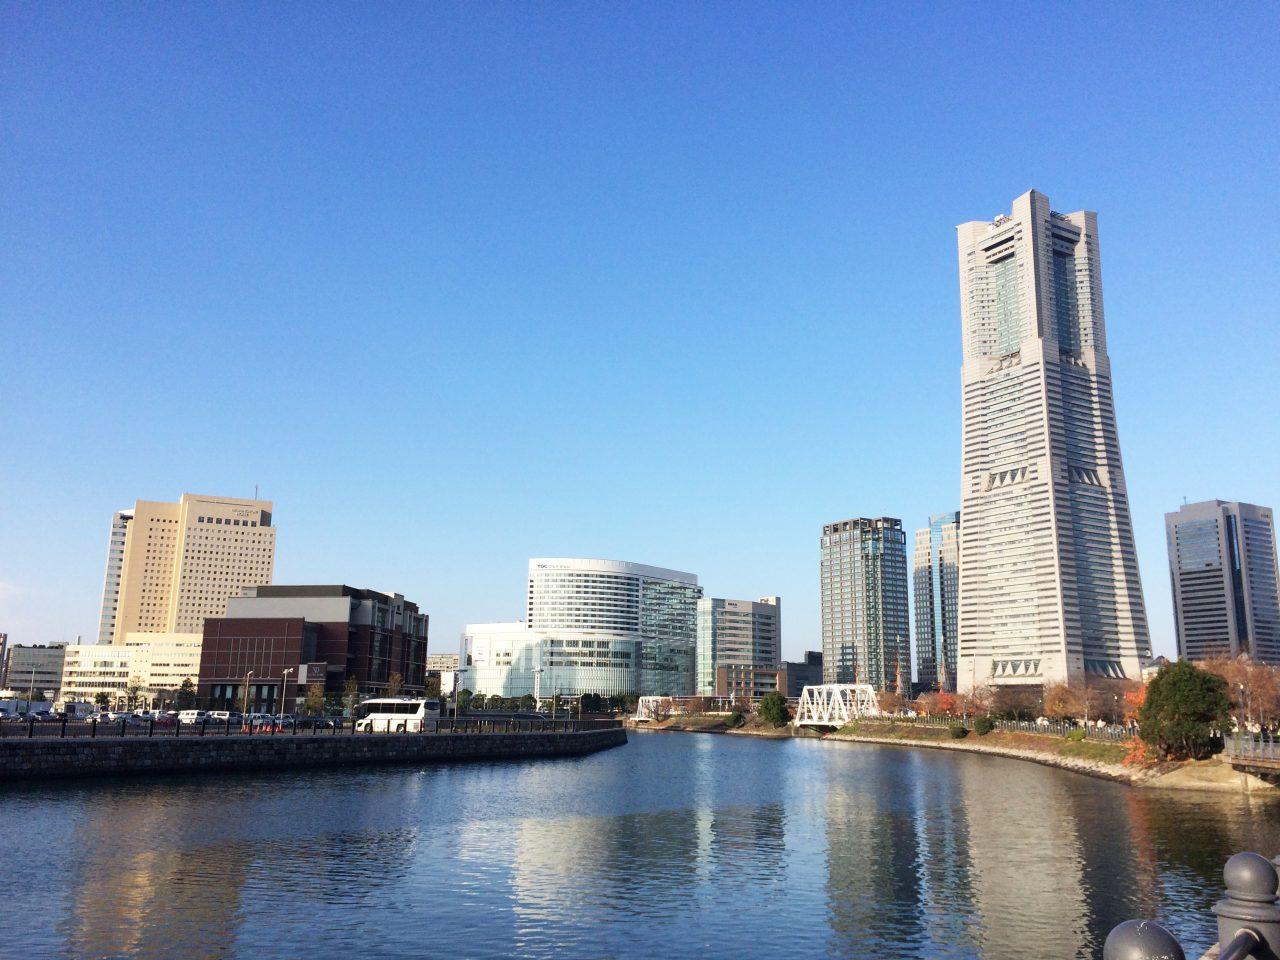 ランドマークタワーと運河の写真の写真